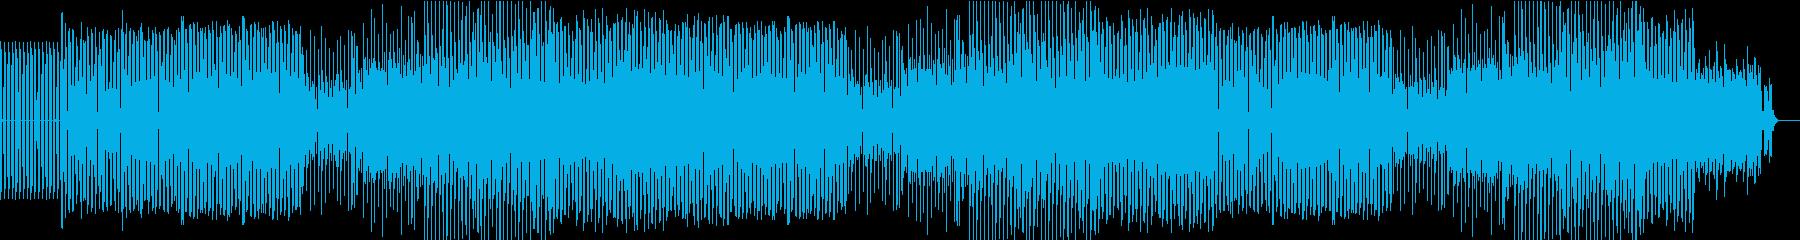 軽快なテクノ系EDMの再生済みの波形